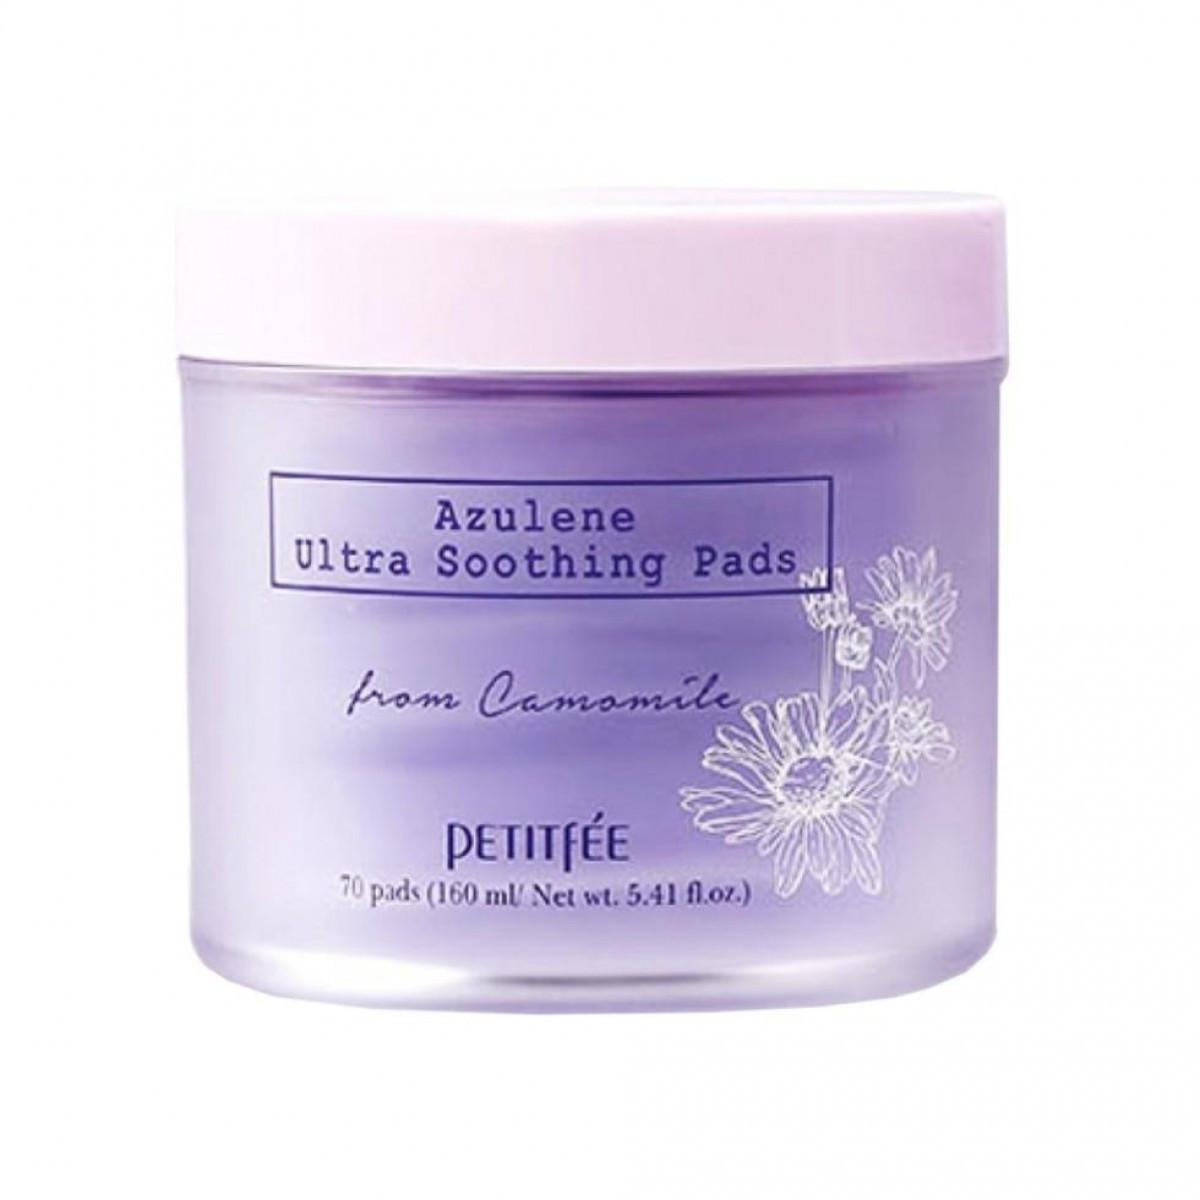 Ультра-увлажняющие подушечки PETITFEE Azulene Ultra Soothing Pads (Срок годности: до 04.2021)